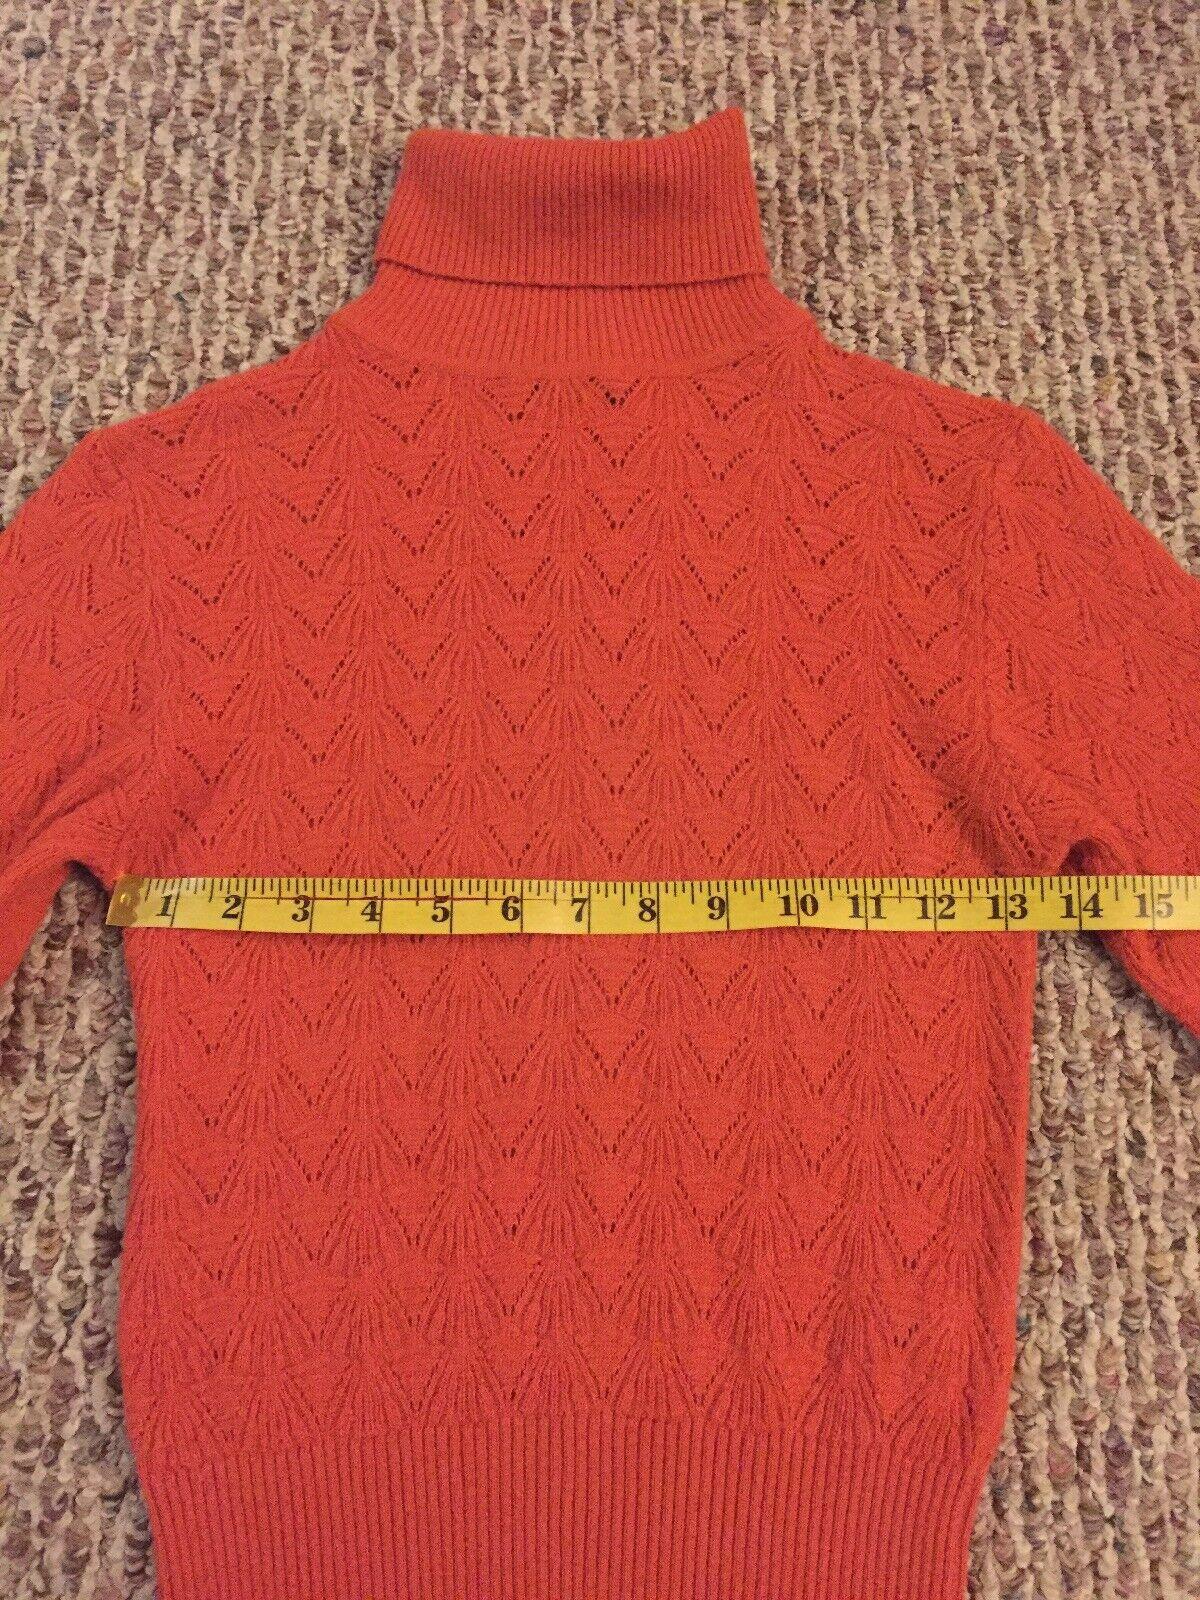 D&G DOLCE & GABBANA Wool Blend Turtleneck Knit Sw… - image 8